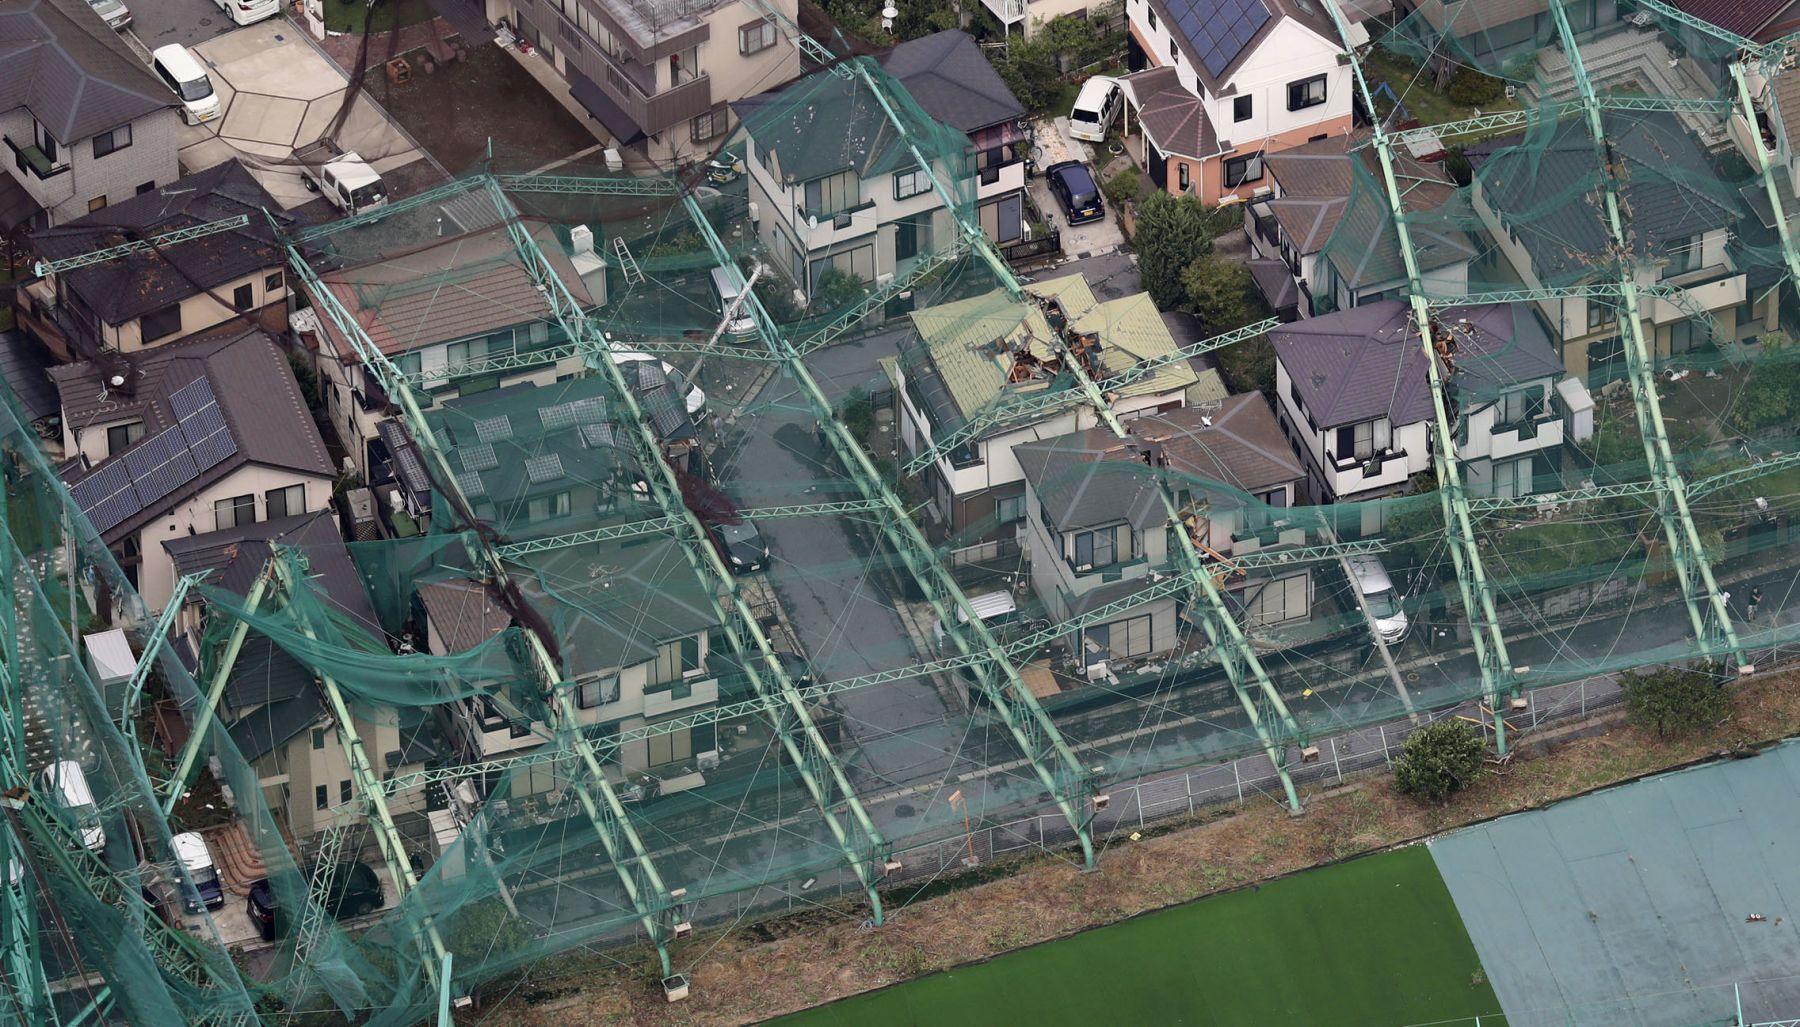 Japan Metro Tokyo Aftermath of Typhoon Faxai 008